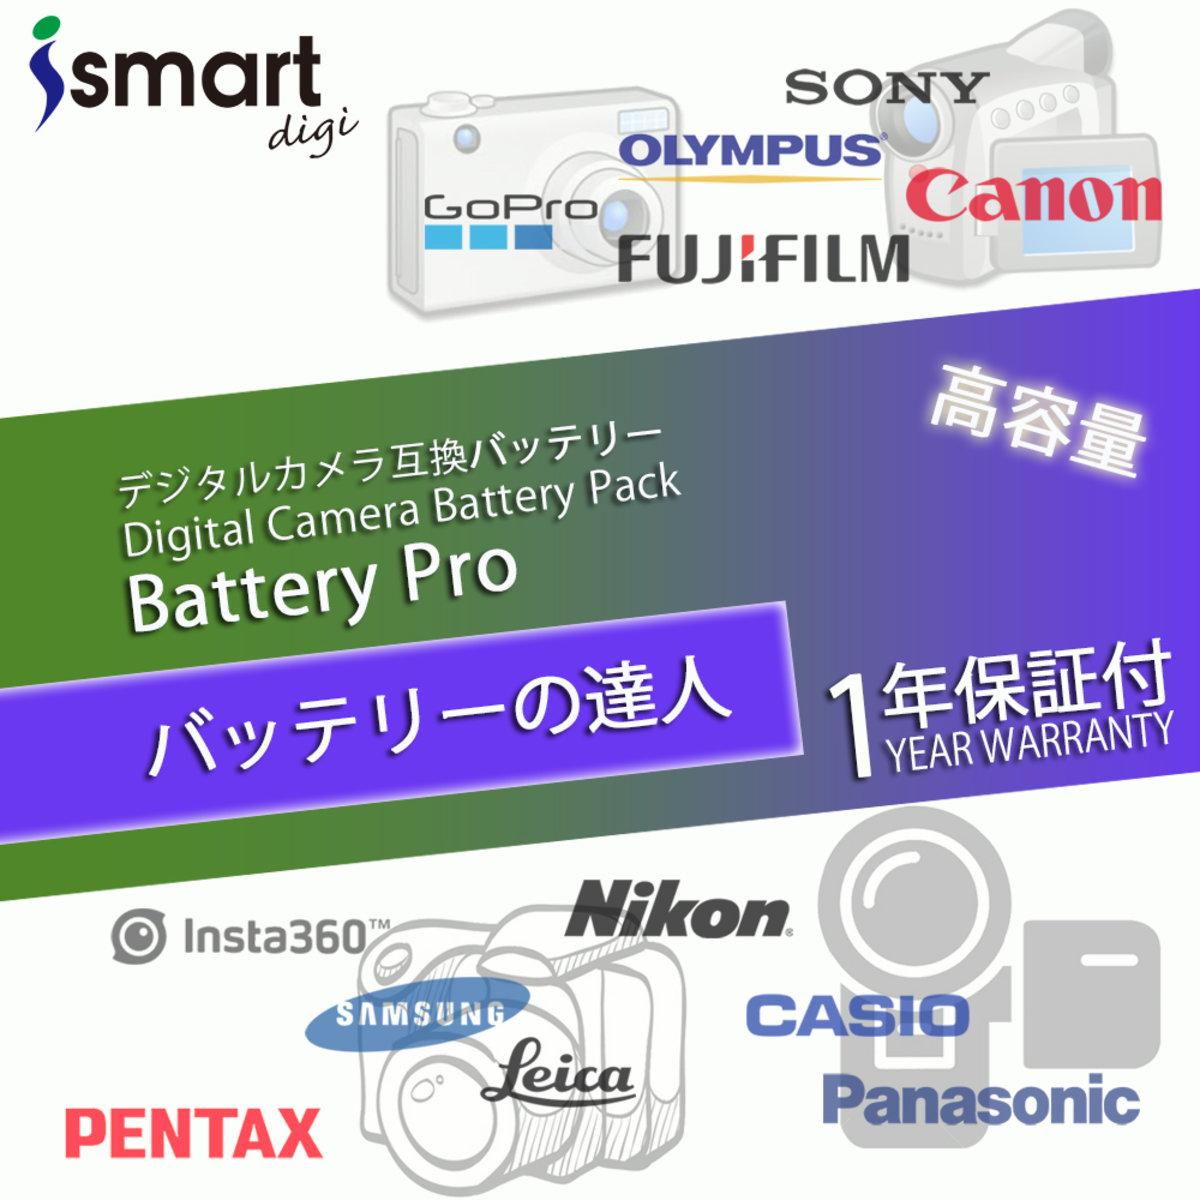 Canon Digital Camera Battery (For: XA20,XA25,HF-G30,XF405,XF400,GX10,G26,XA15,XA11, XA30,XA35,HF-G40)